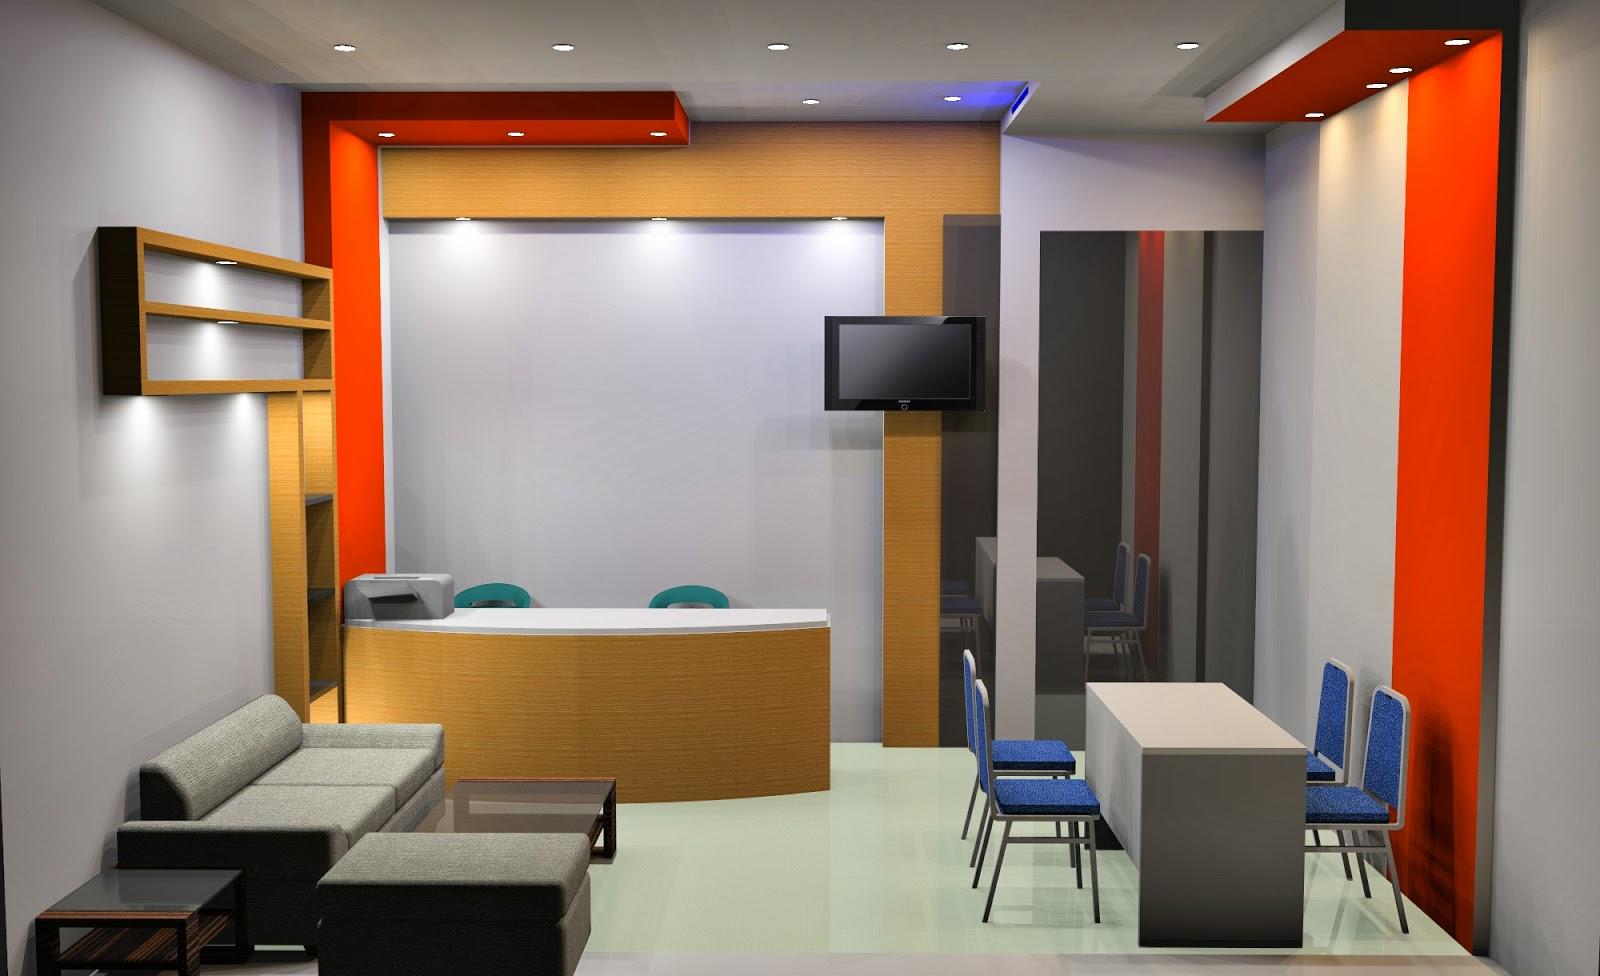 M2pro design interior design interior jakarta for Gavin interior design jakarta